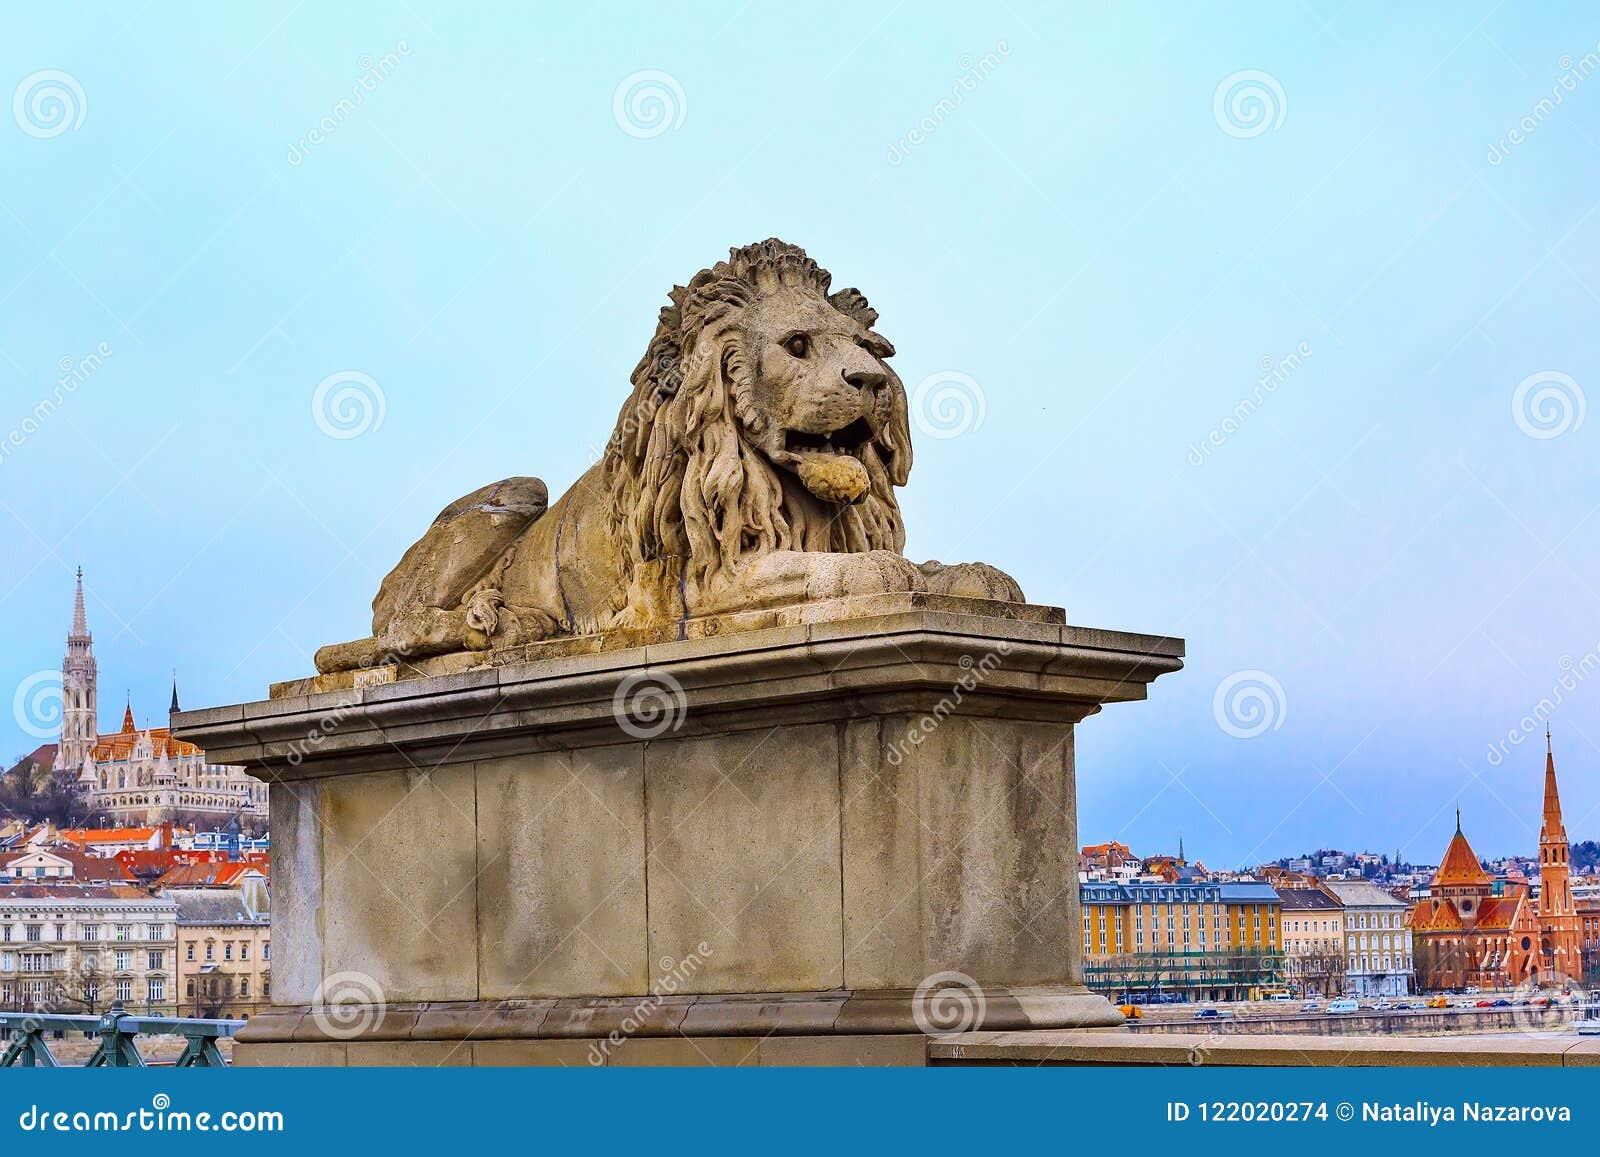 在铁锁式桥梁的狮子雕象,布达佩斯,匈牙利图片